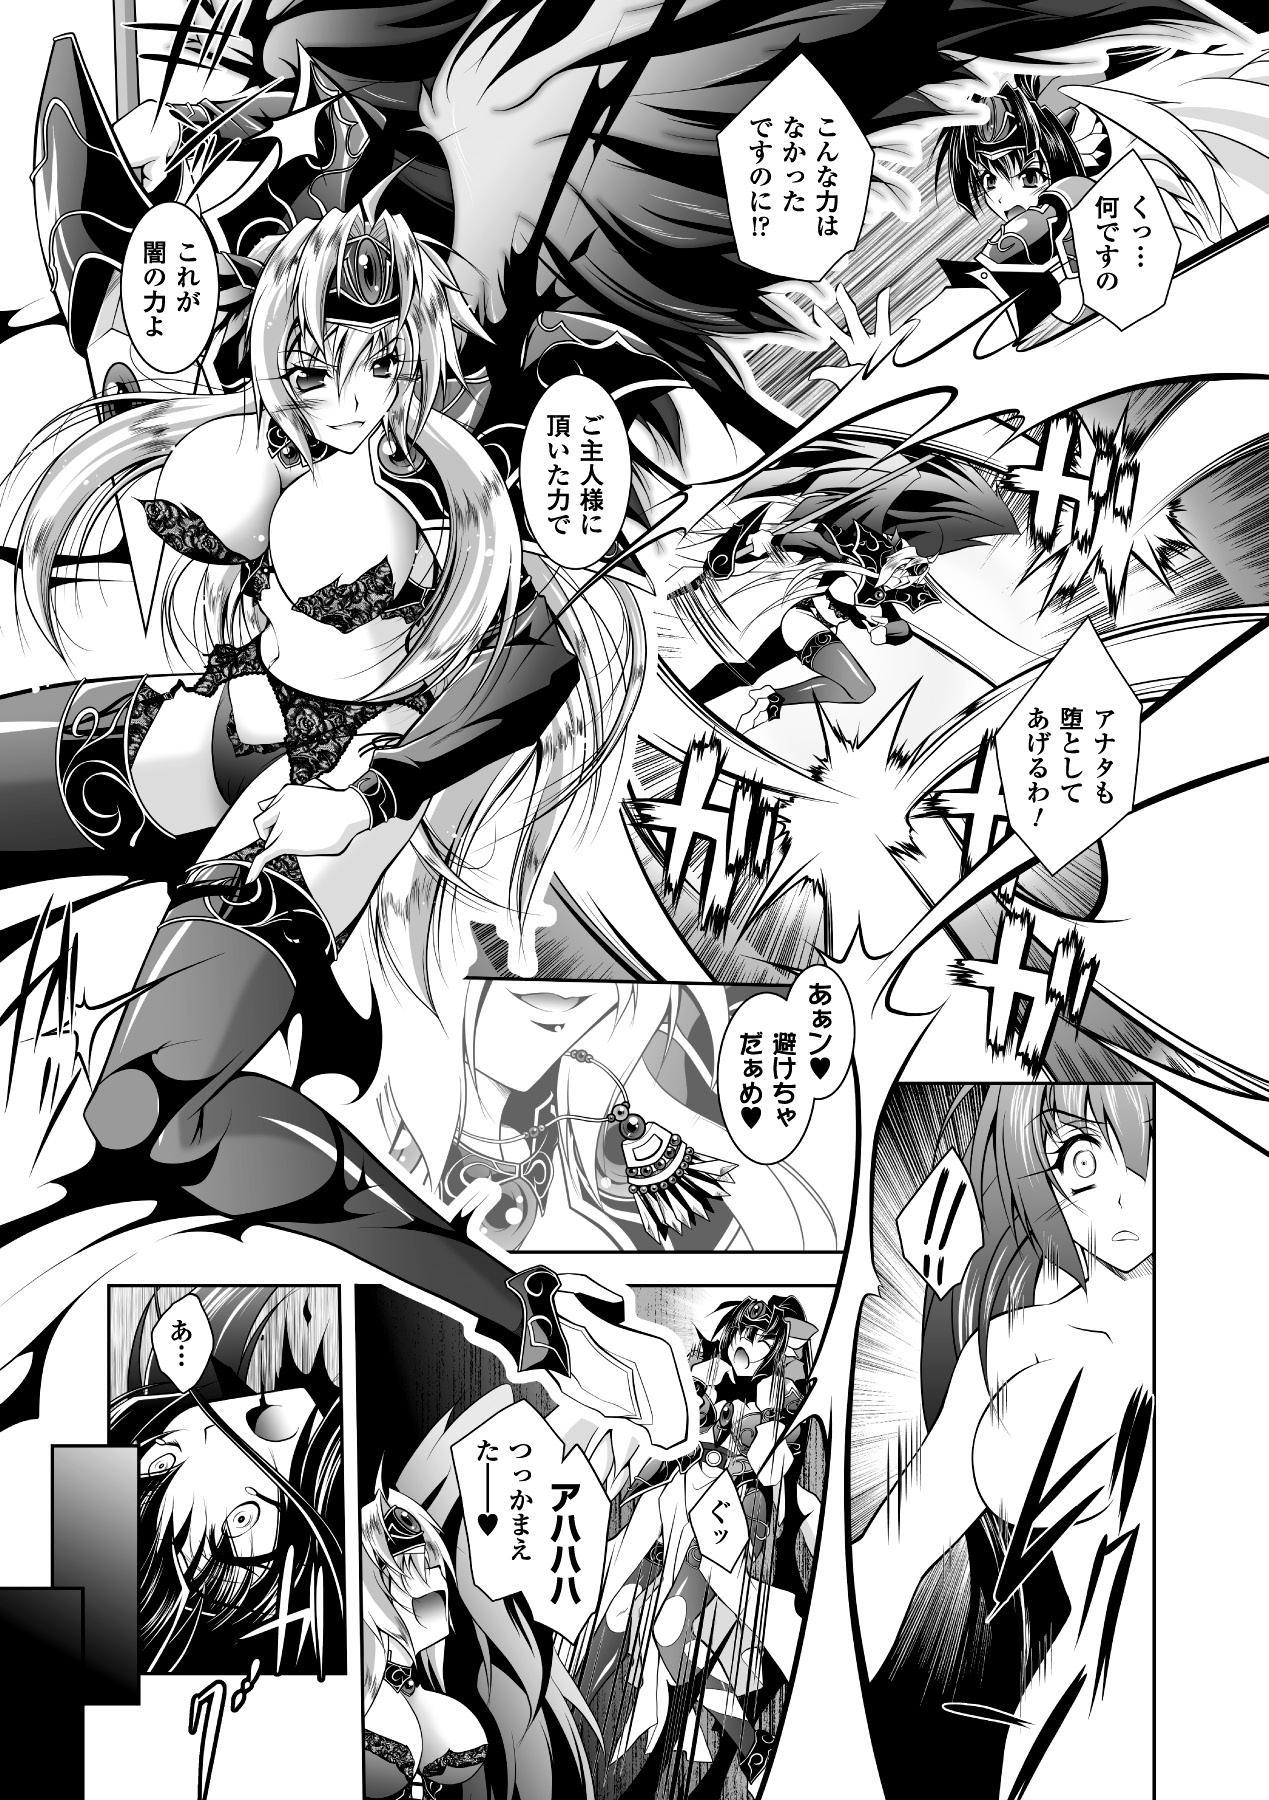 [Parfait] Mesu Inu no Tooboe ~Injyoku Elegy~ - The Howling Of A Bitch [Digital] 28